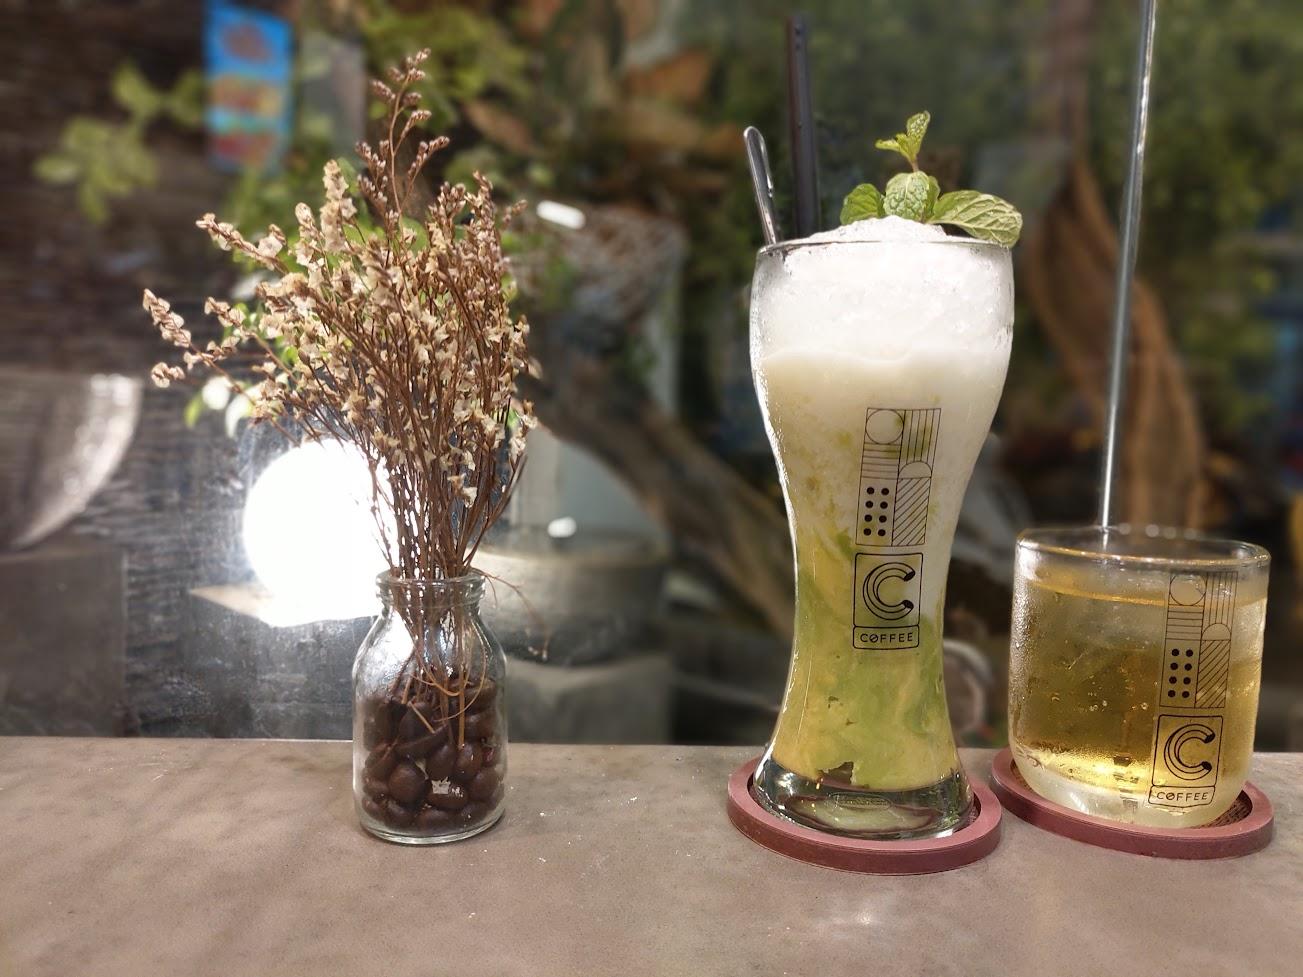 Bơ dầm ở C Coffee 44 Hoàng Dư Khương quận 10